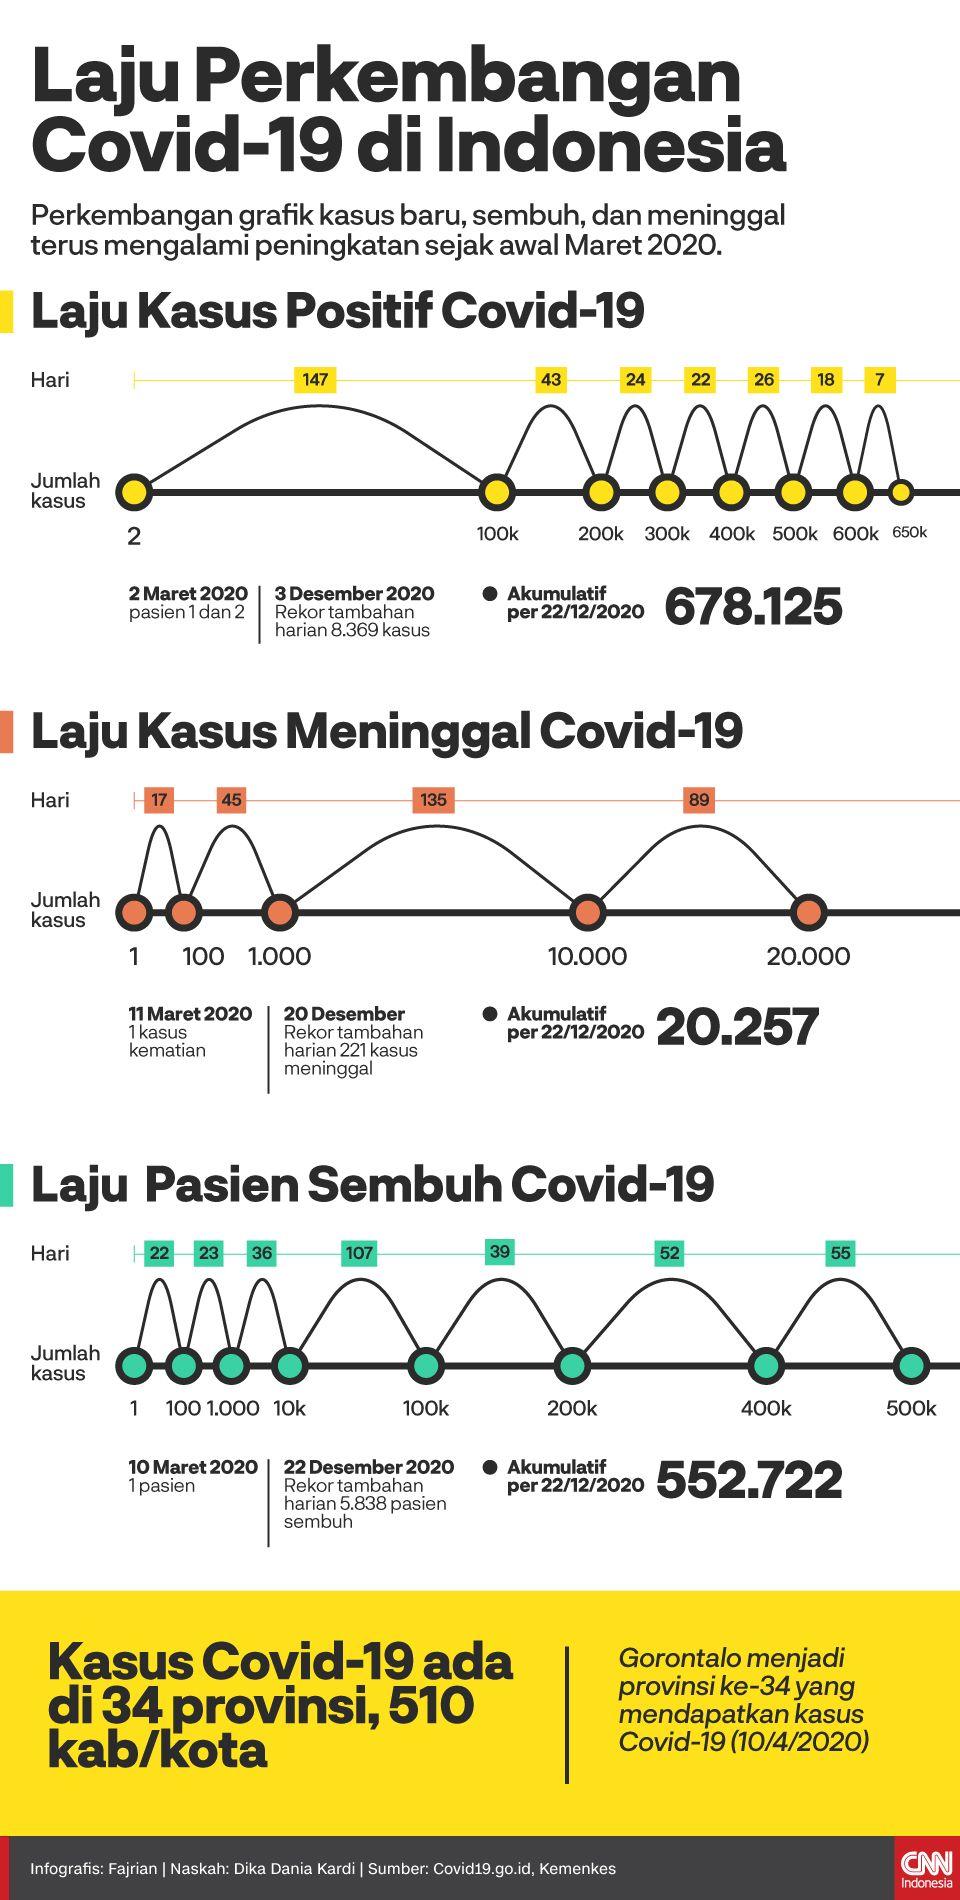 Infografis Laju Perkembangan COvid-19 di Indonesia